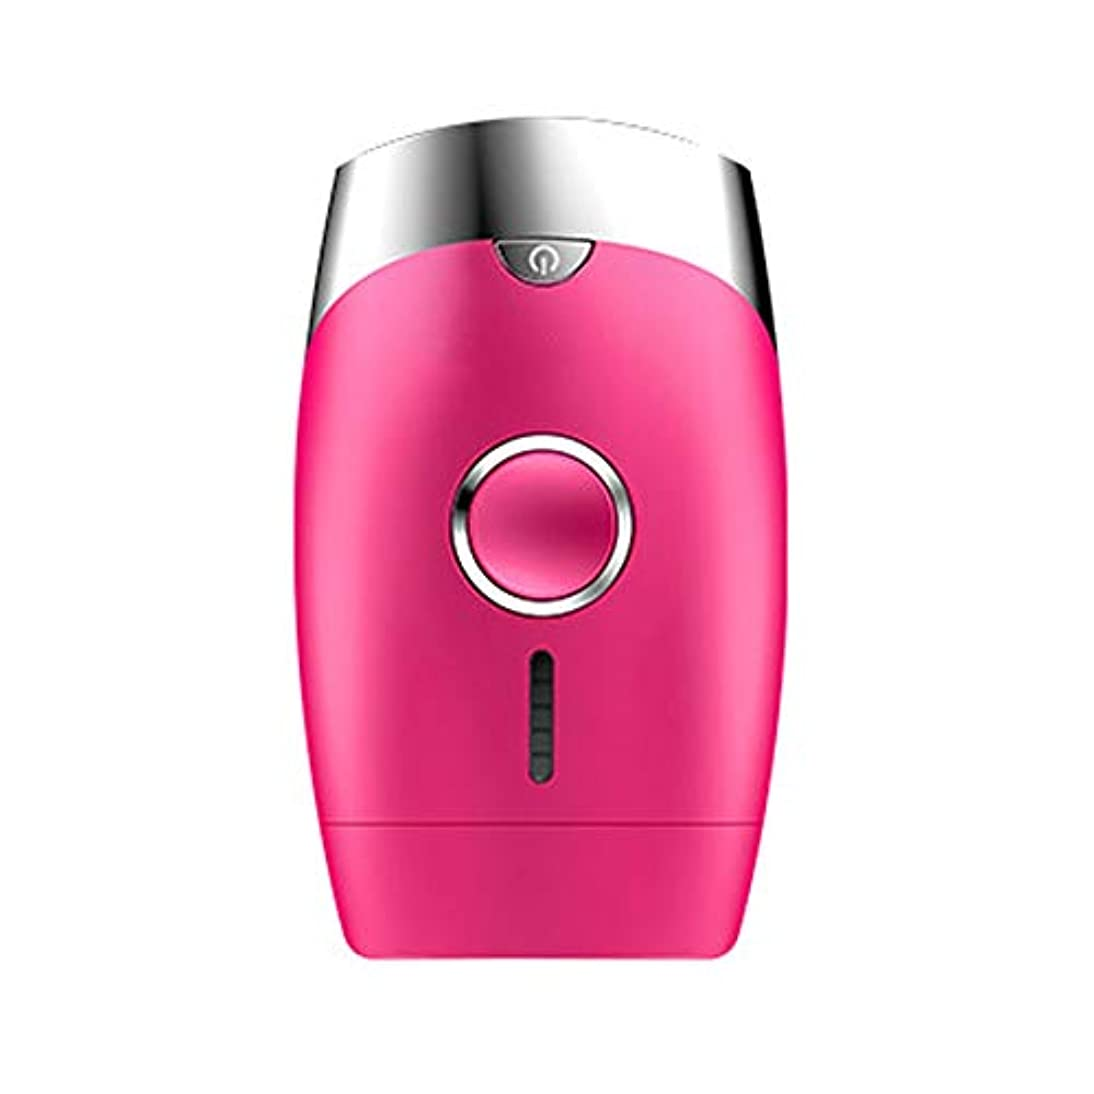 幸運恩恵癒すダパイ ピンク、5スピード調整、インテリジェント家庭用痛みのない凝固点ヘアリムーバー、シングルフラッシュ/連続フラッシュ、サイズ13.9 X 8.3 X 4.8 Cm U546 (Color : Pink)